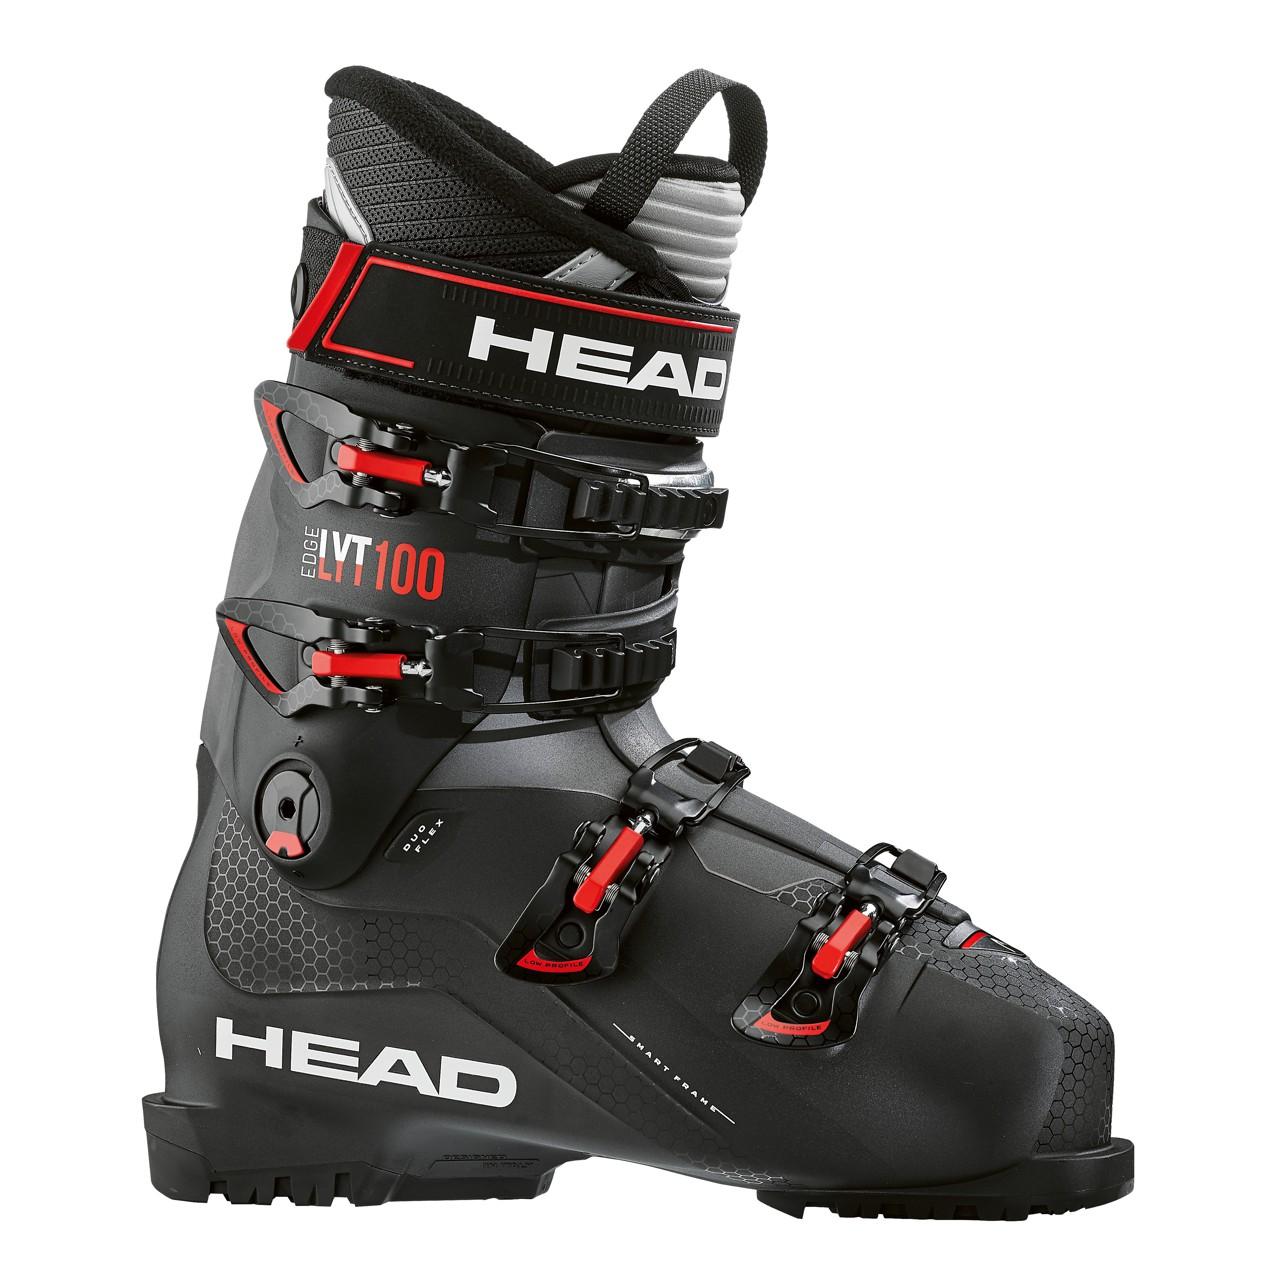 Head Ботинки горнолыжные EDGE LYT 100, размер 30,5 см